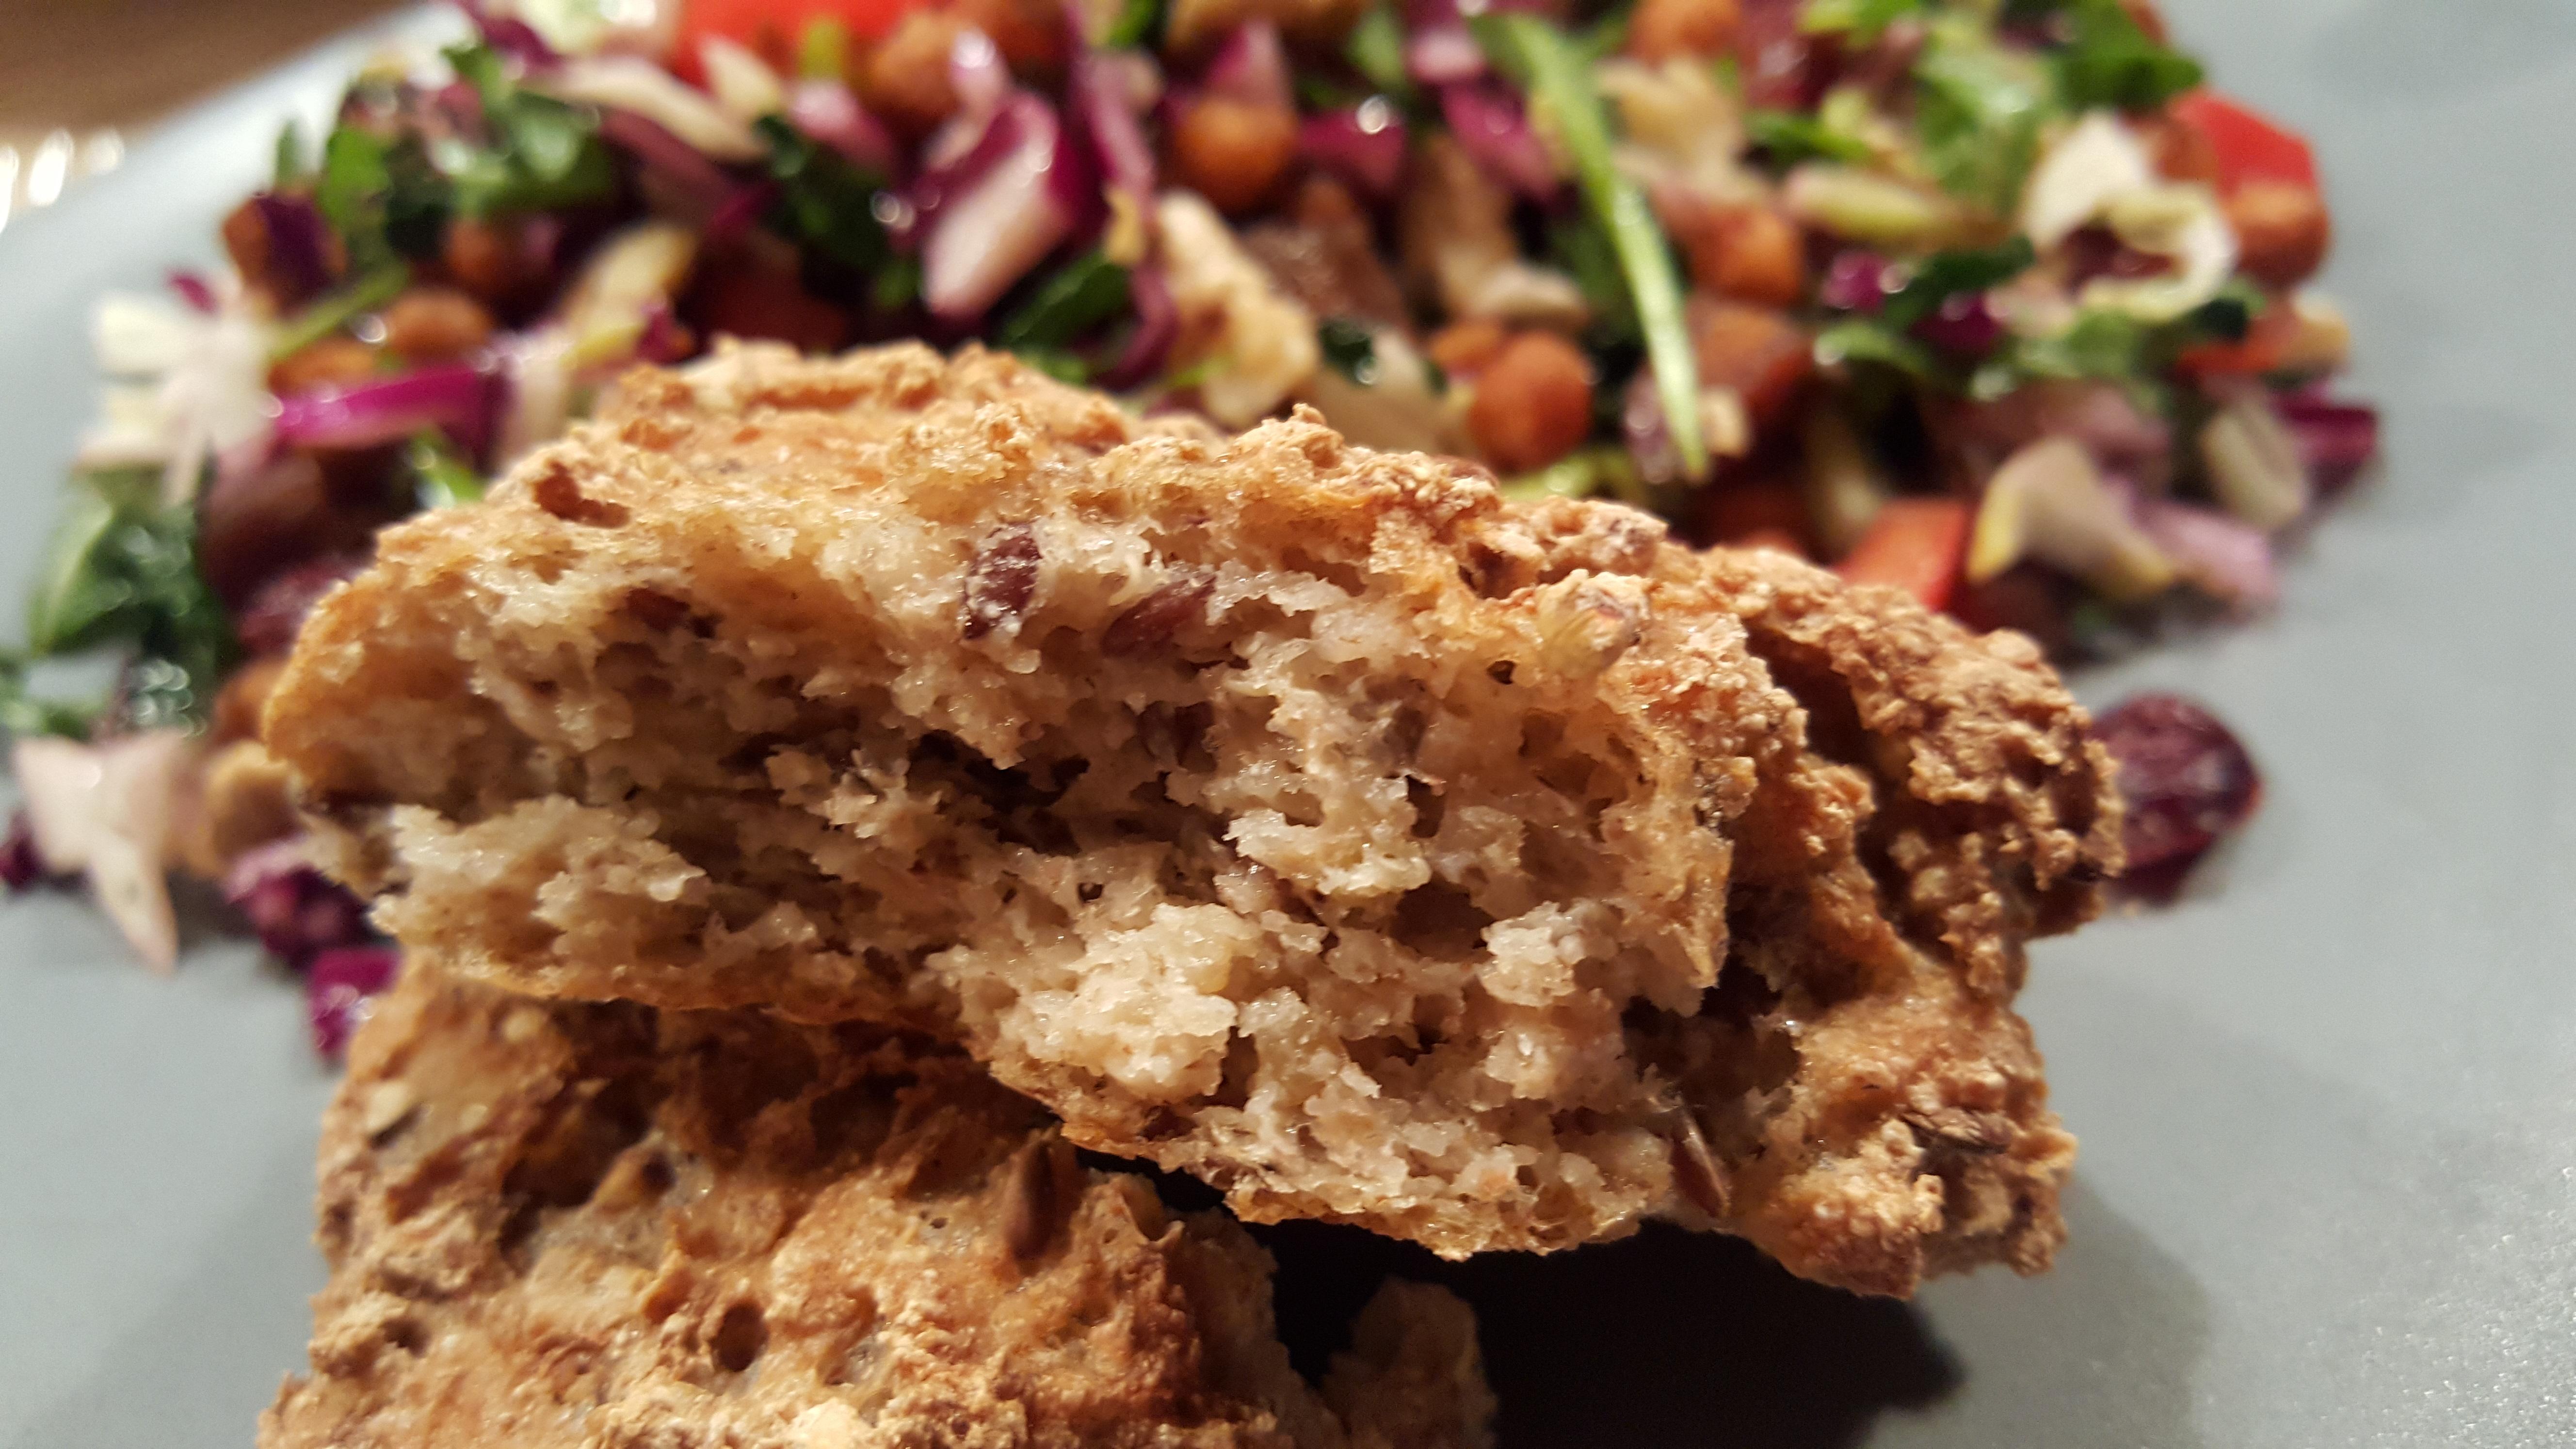 Sandwichbrød med frø og kerner som tilbehør til salat